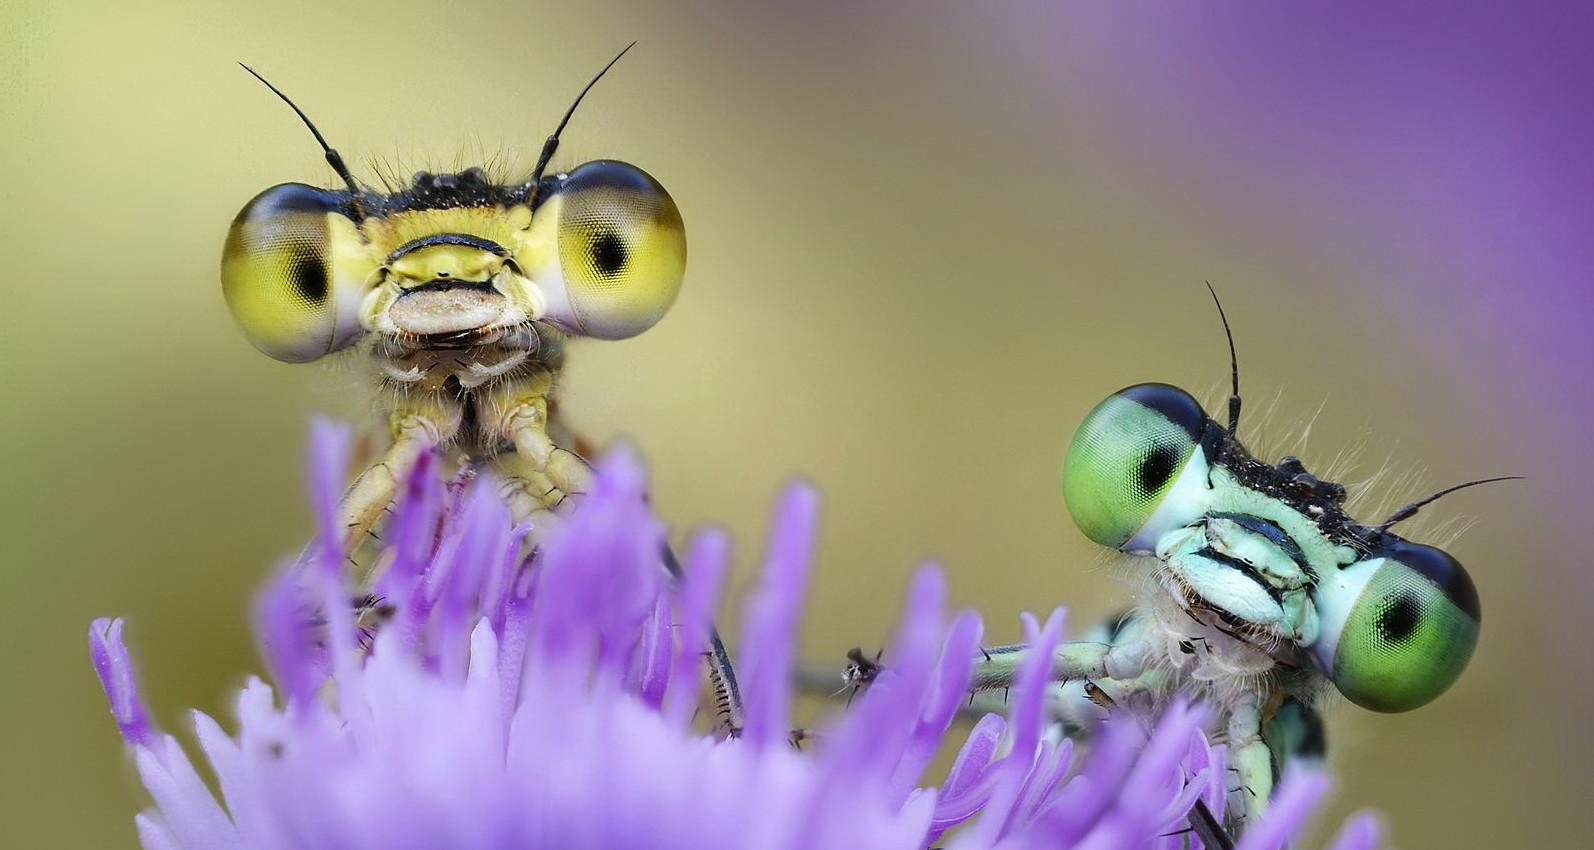 Надписью, прикольные картинки насекомыми